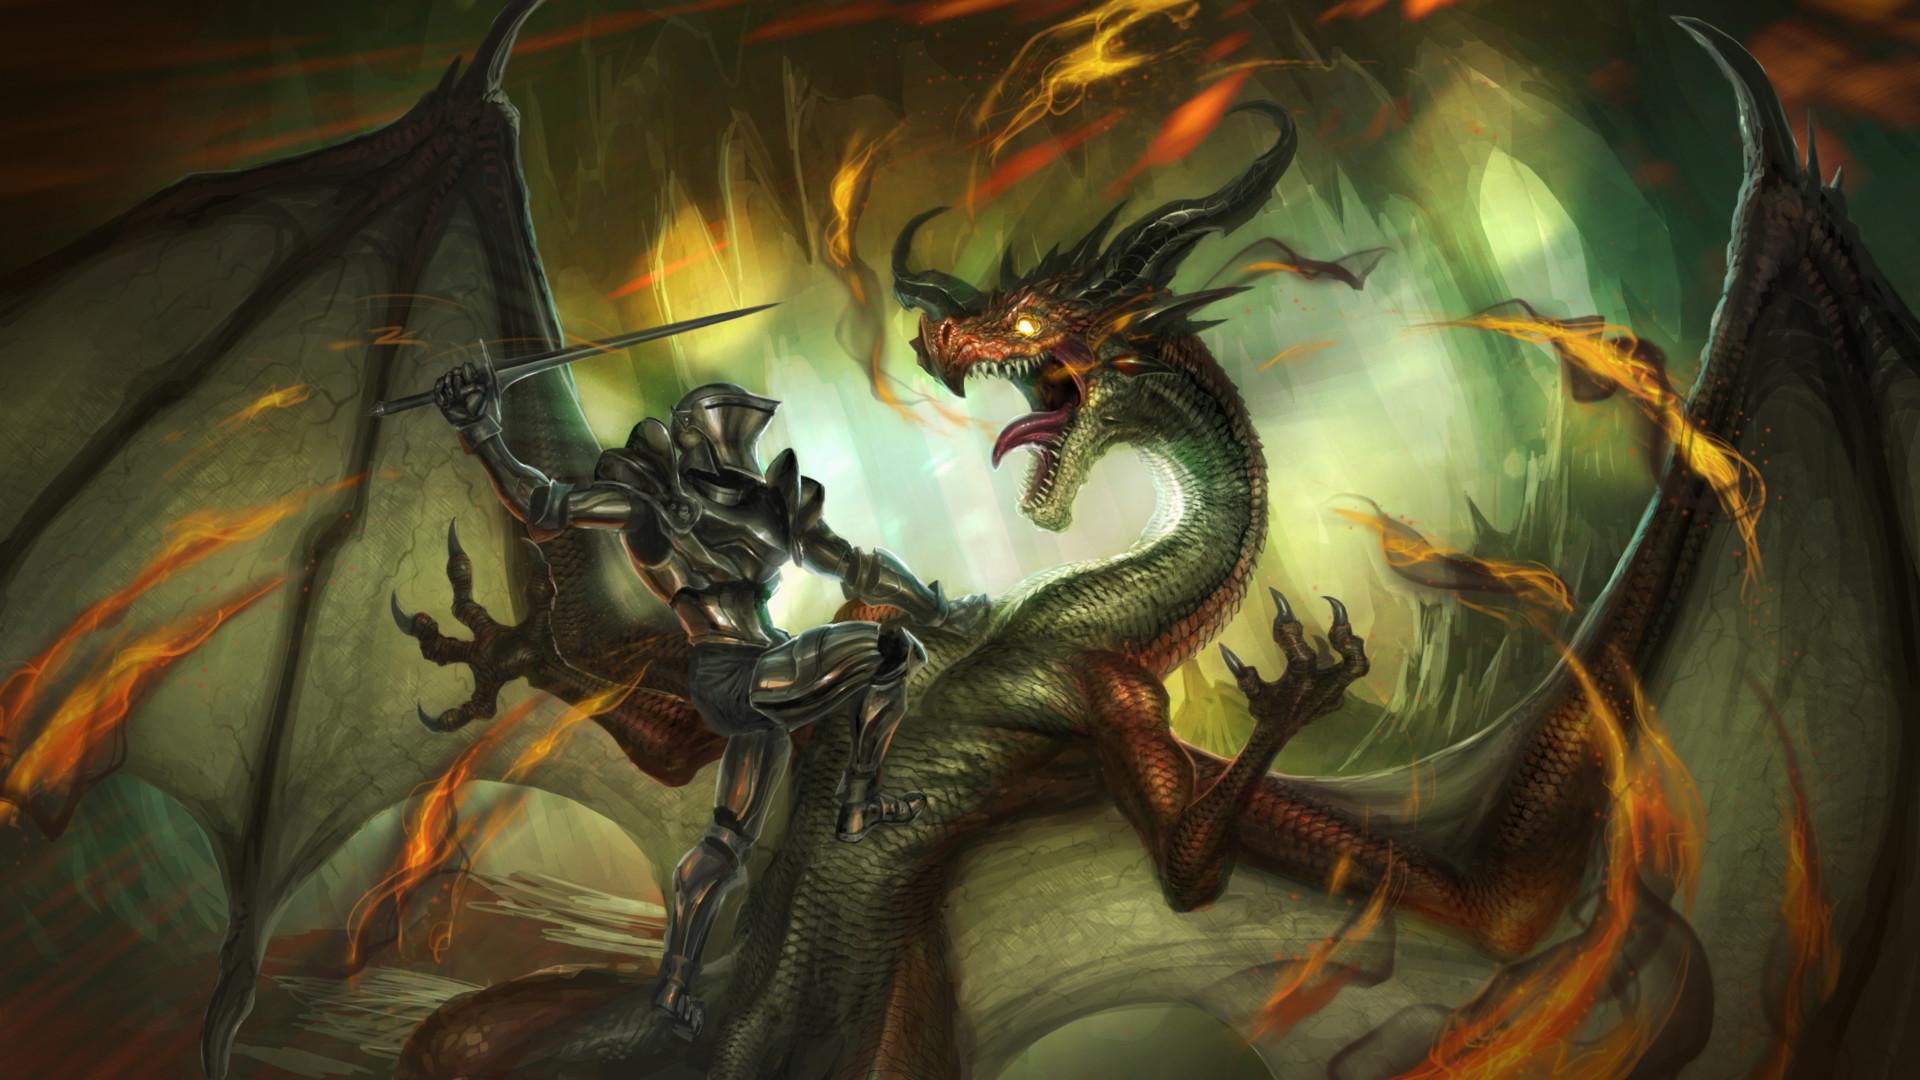 картинки нападающие драконы рыцари целеустремленность